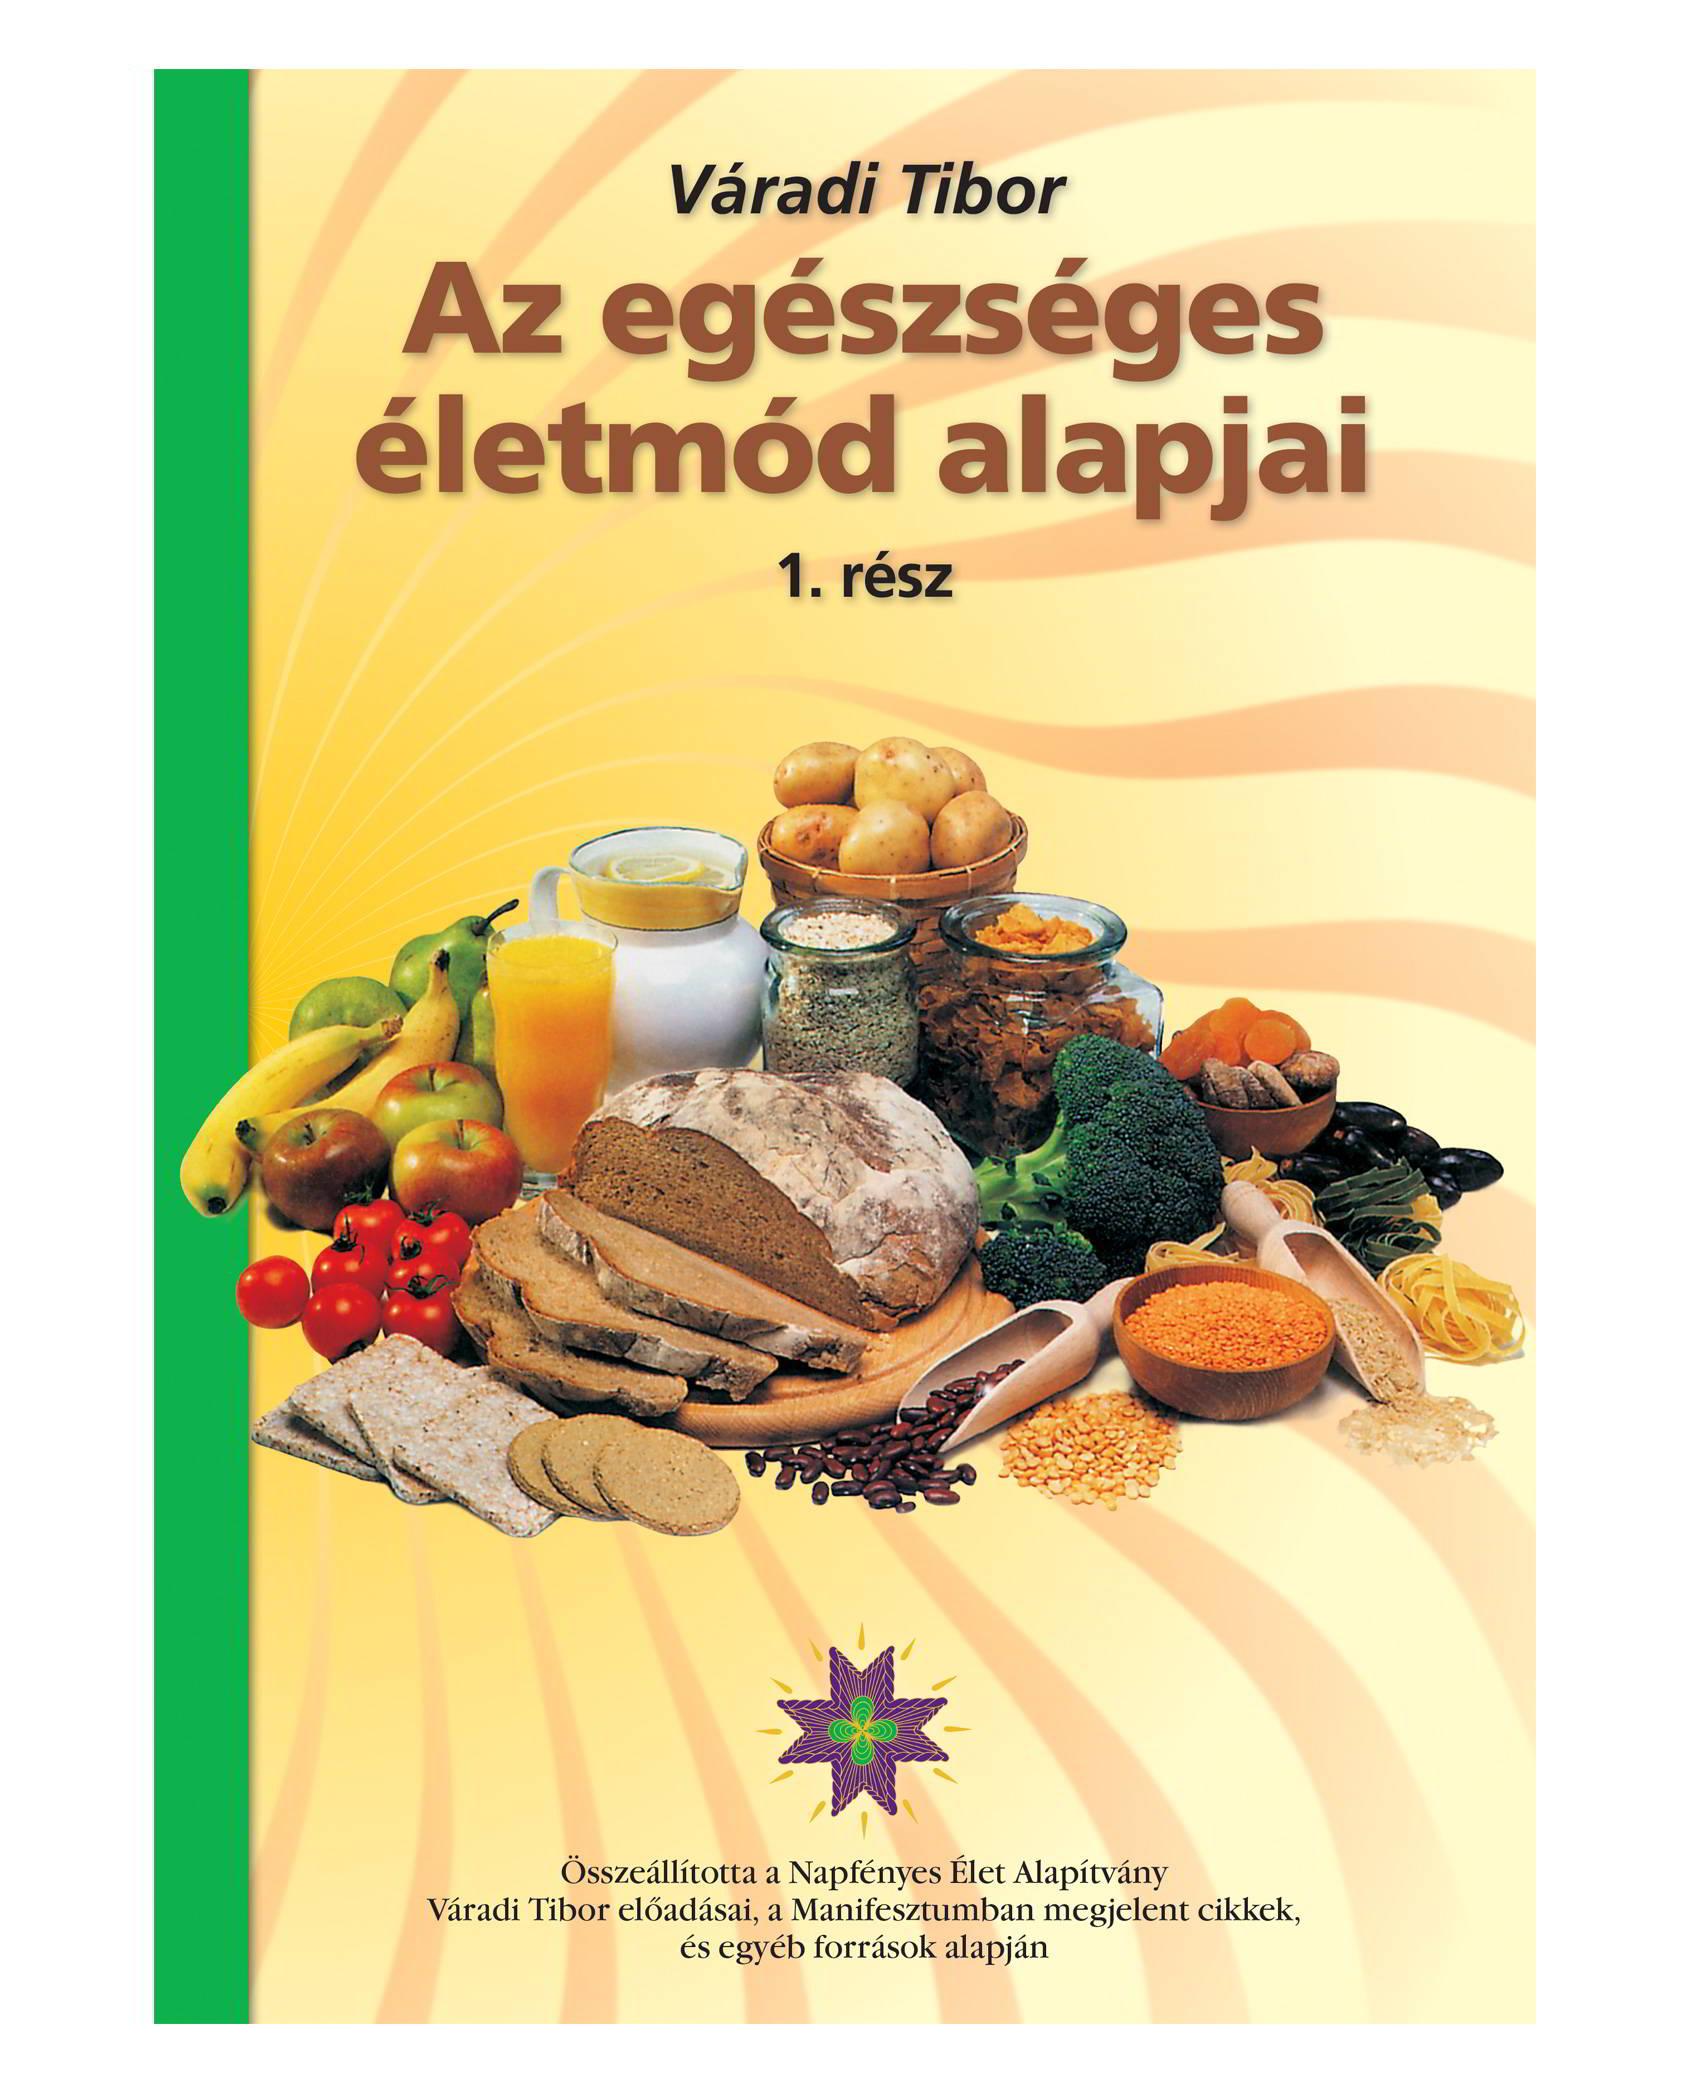 egészséges életmód alapjai)